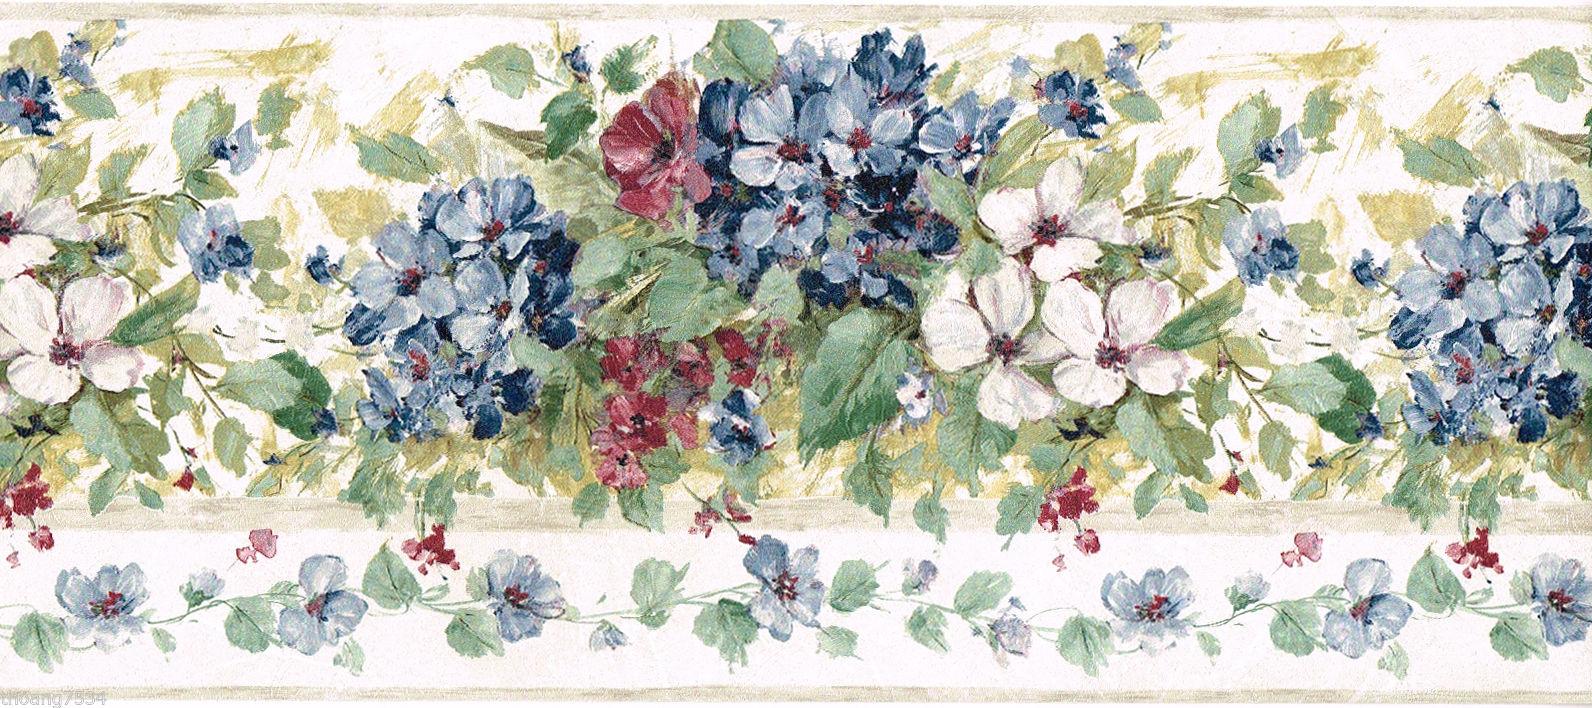 Blue Burgundy Hydrangea Flower Floral Green Leaf Brush Stroke Wall 1592x708